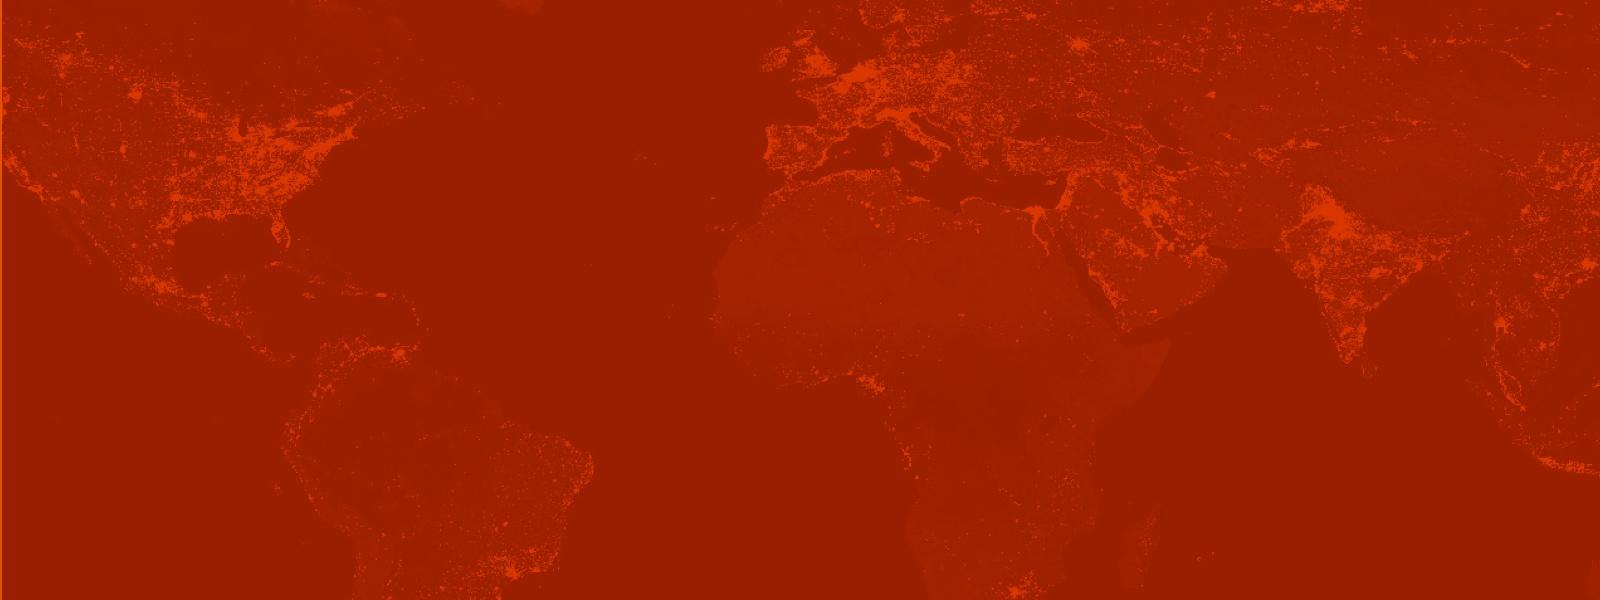 Orange bg.jpg